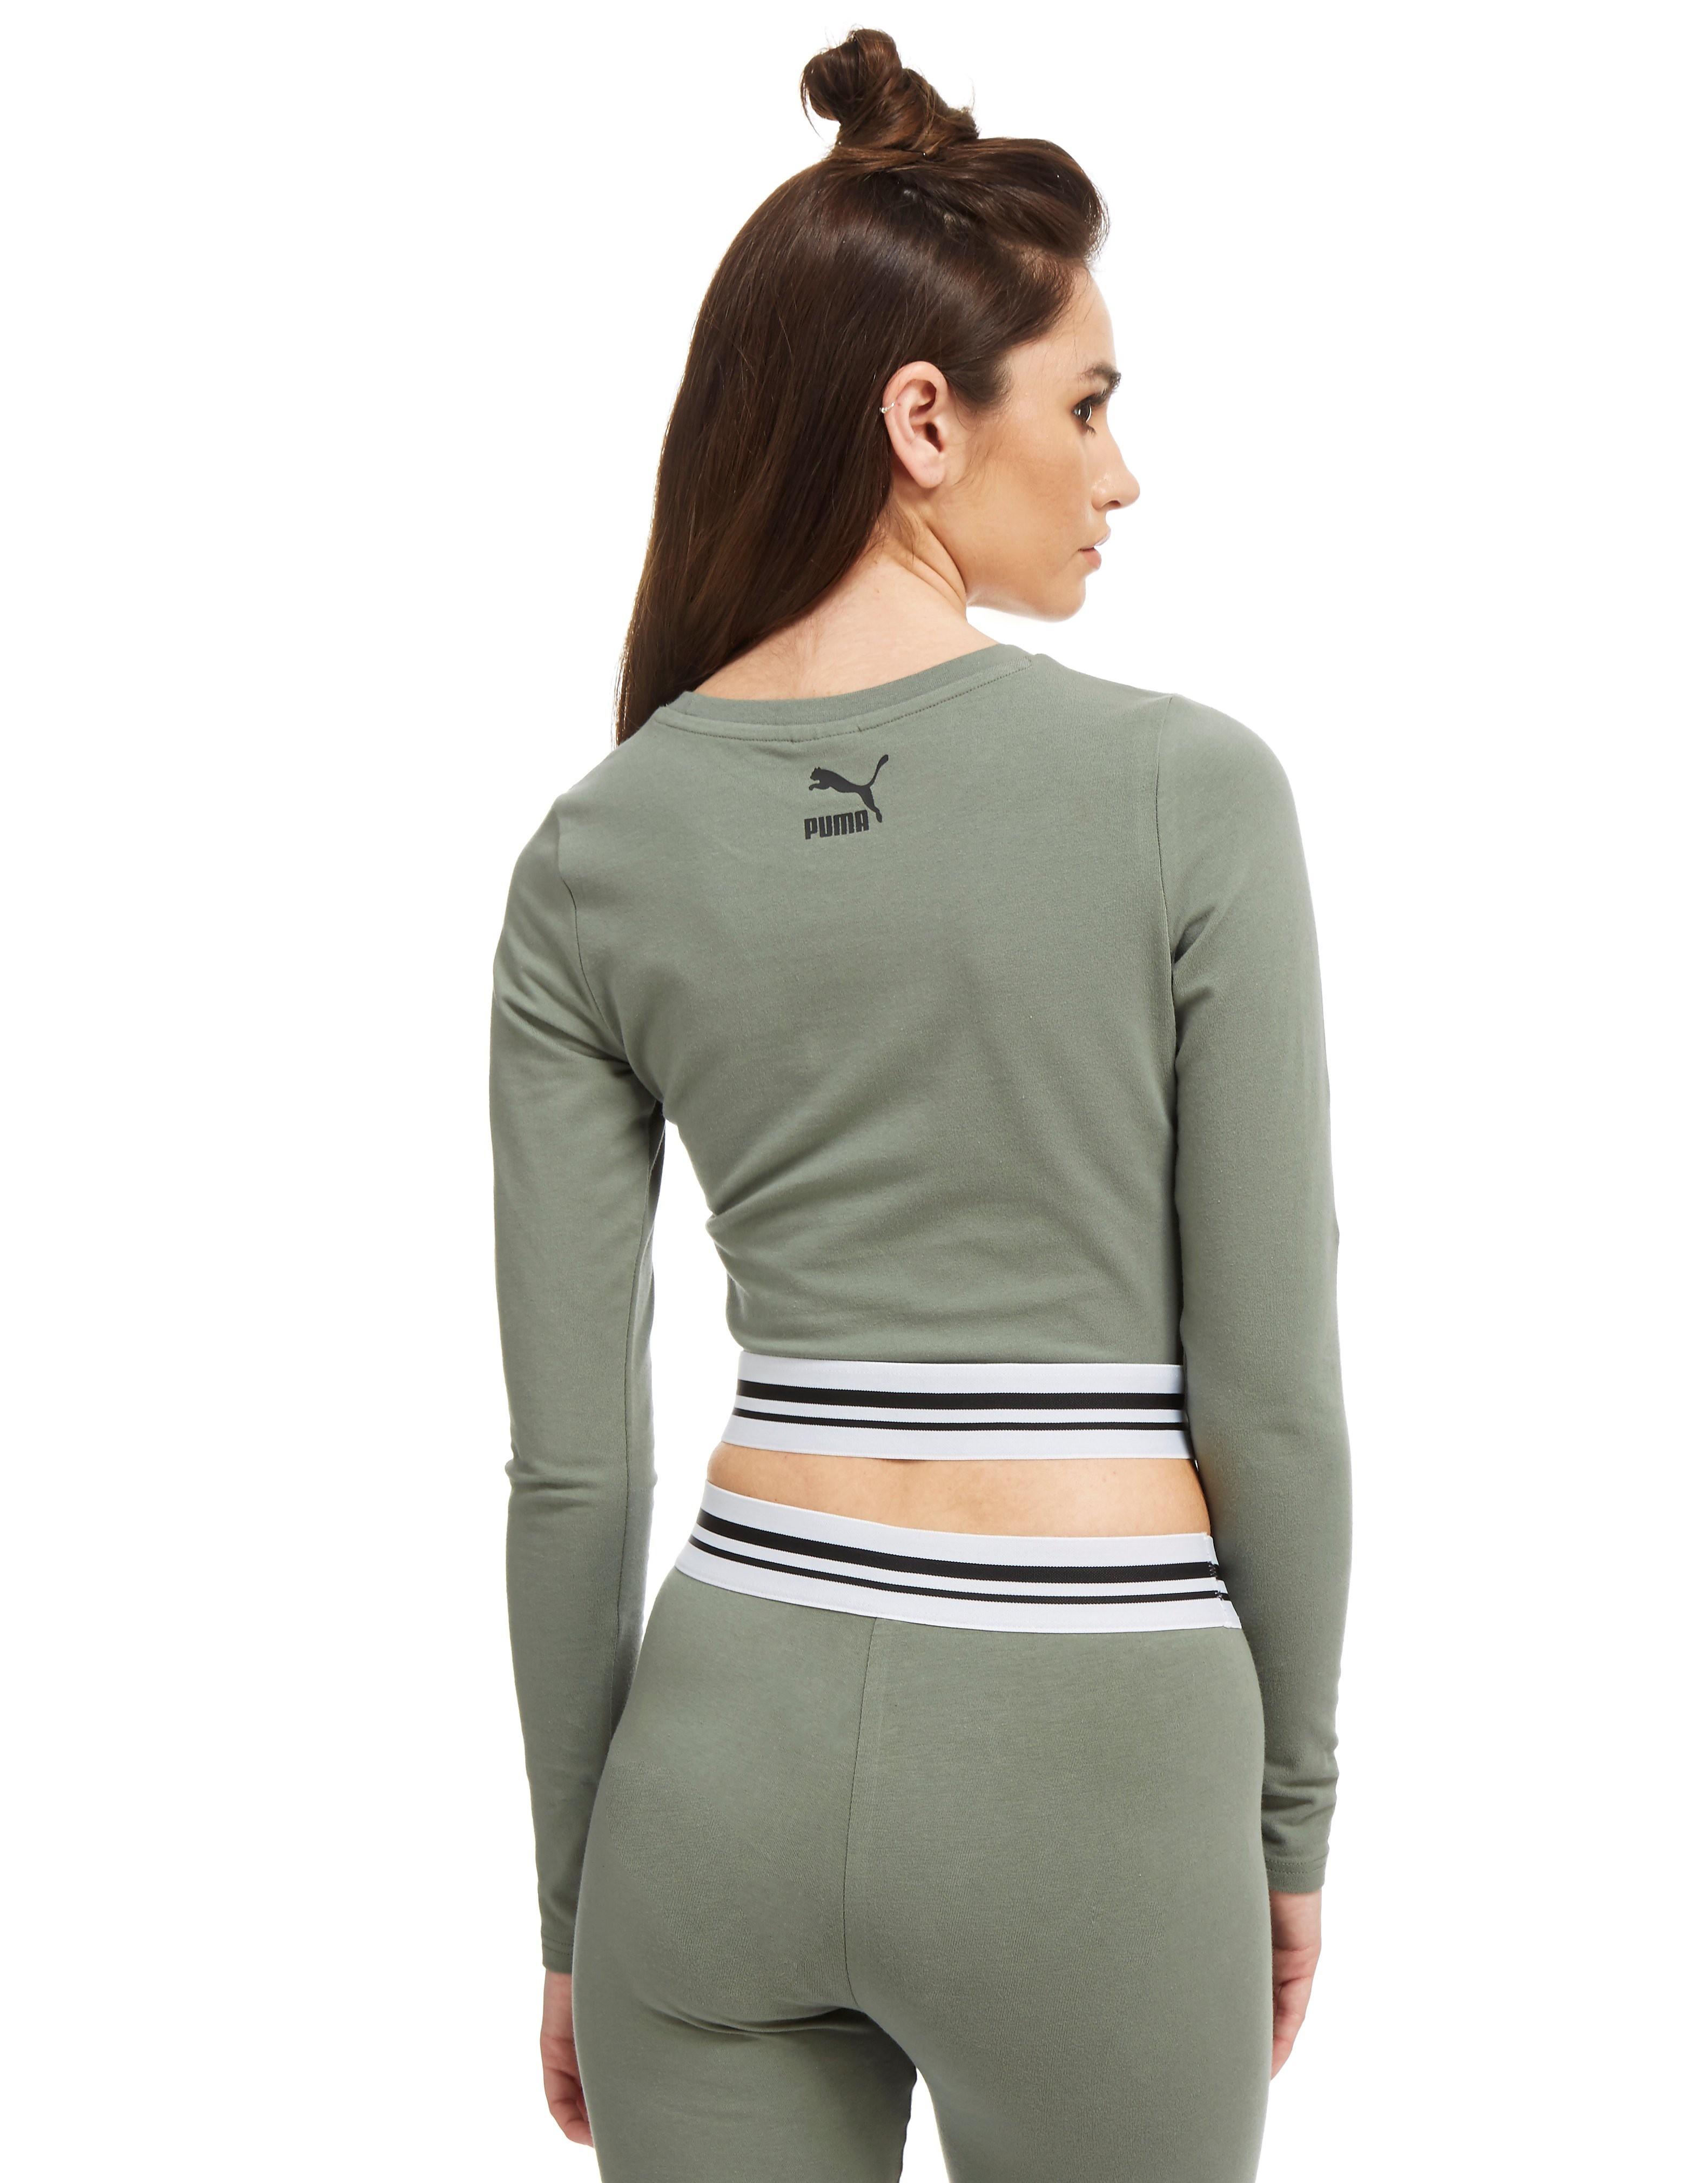 PUMA T-shirt manche longue Gloss Femme